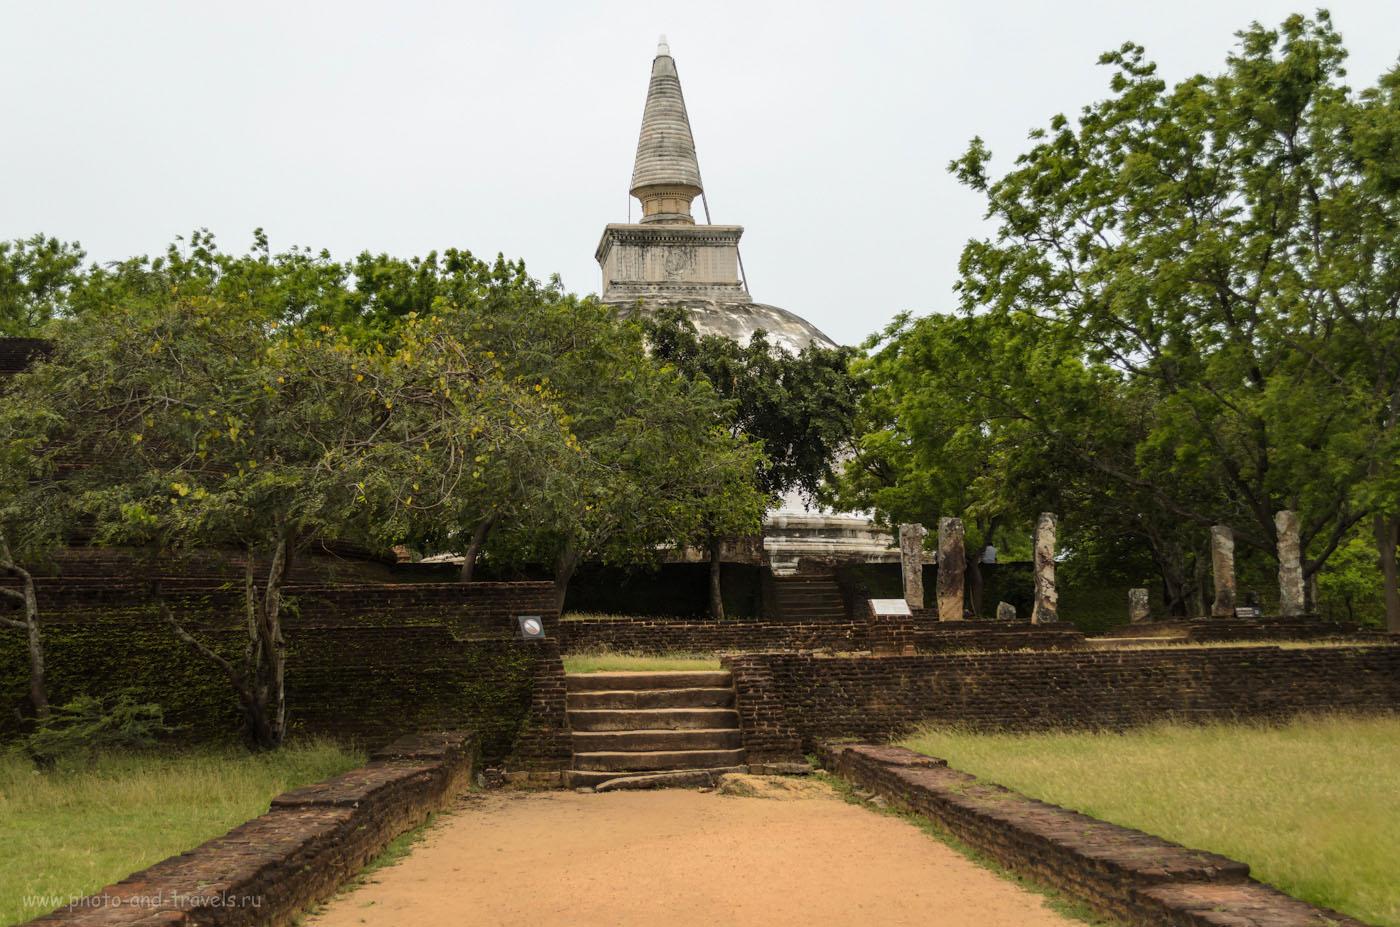 Фото 10. Белая ступа Rankot Vihara в археологическом комплексе Полоннарува (Polonnaruwa) на Шри-Ланке. Отчет о самостоятельной экскурсии.